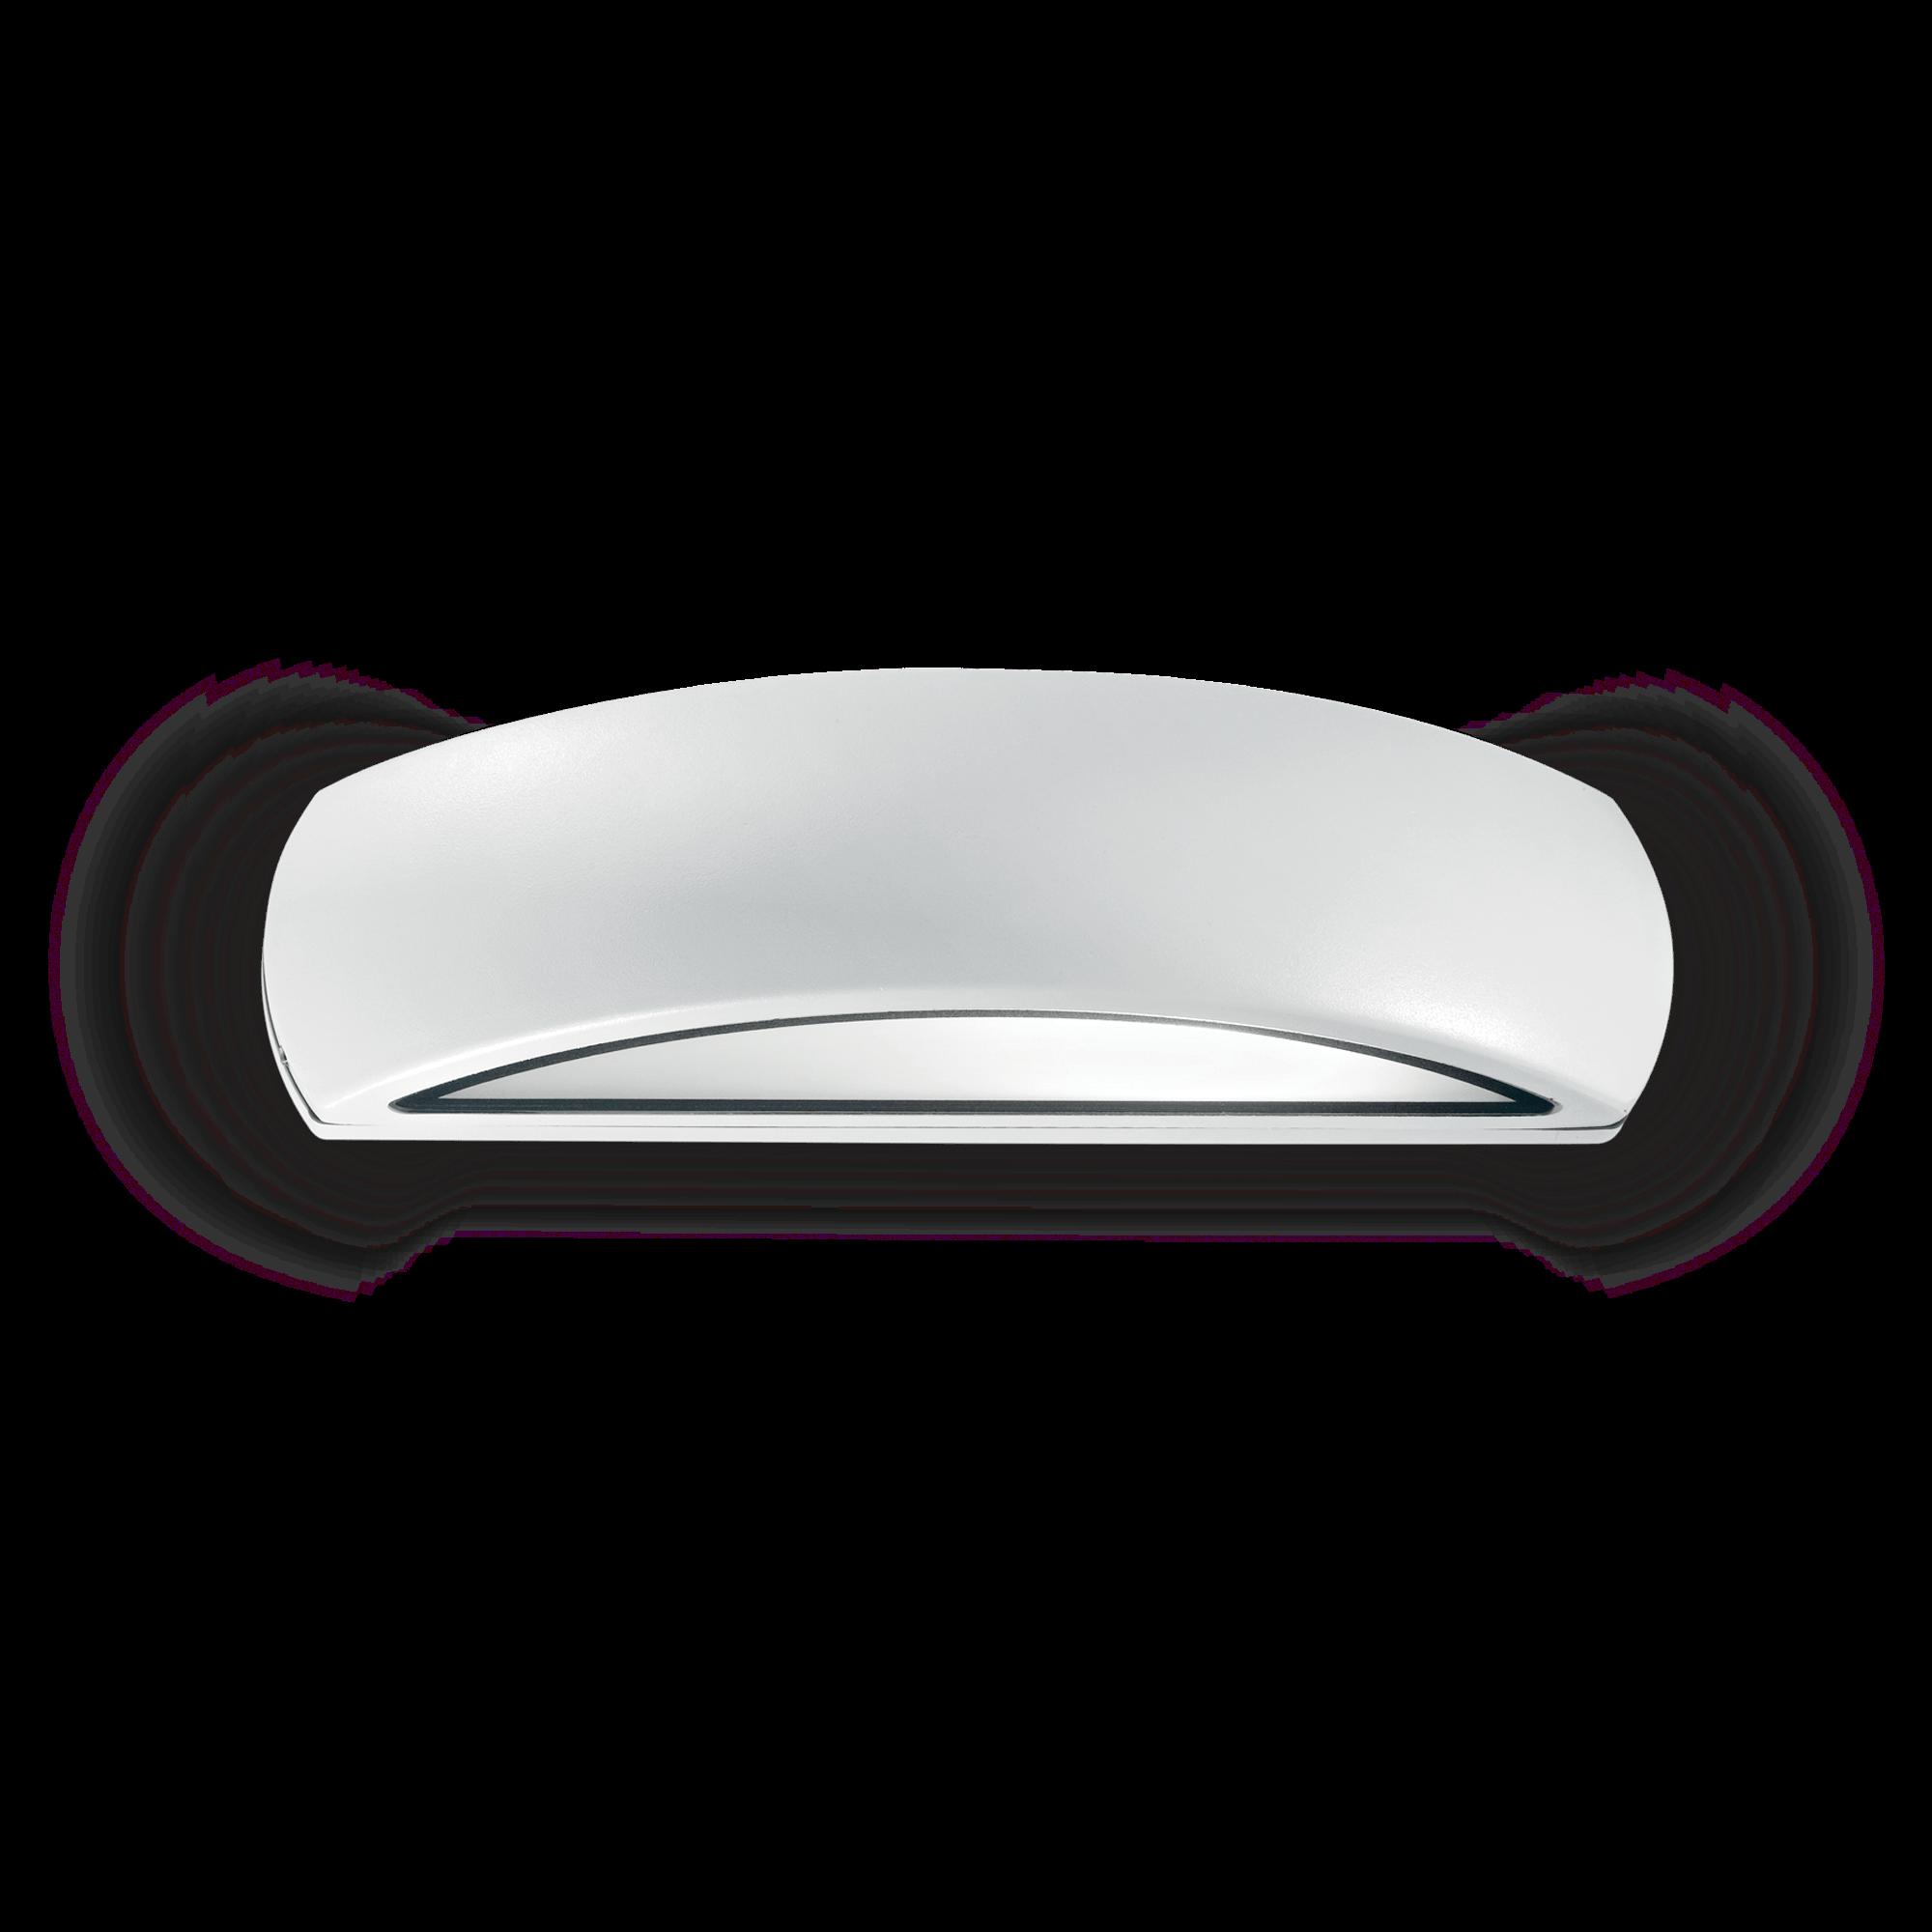 applique esterno giove ideal lux bianco